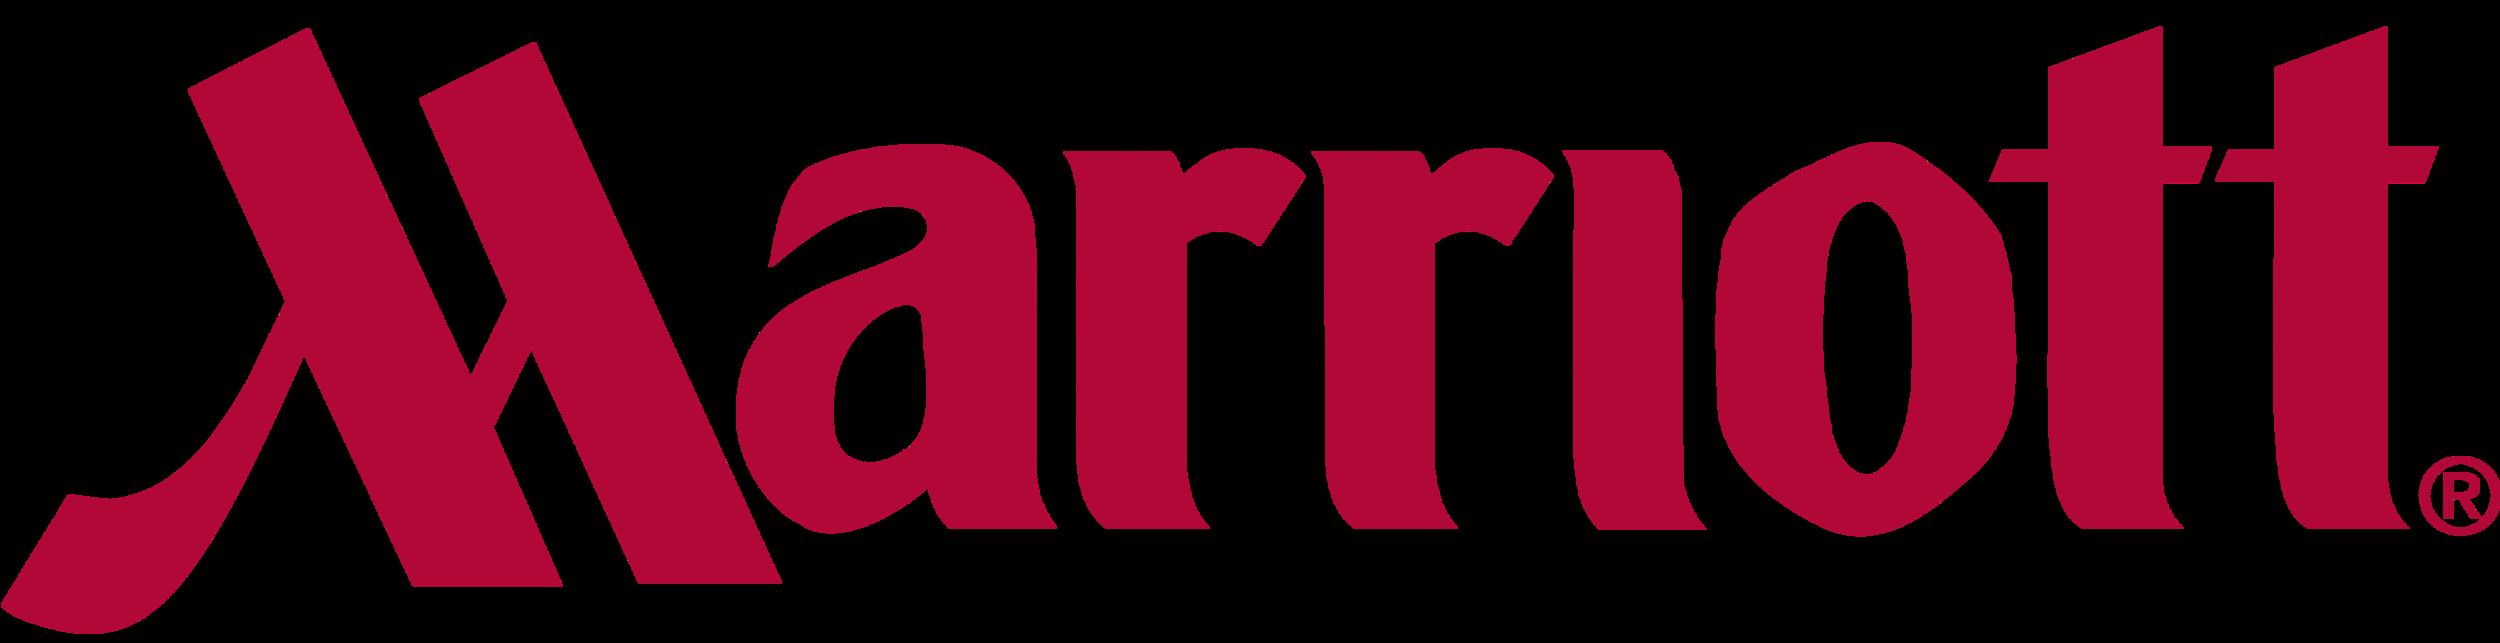 Marriott_logo_wordmark.png